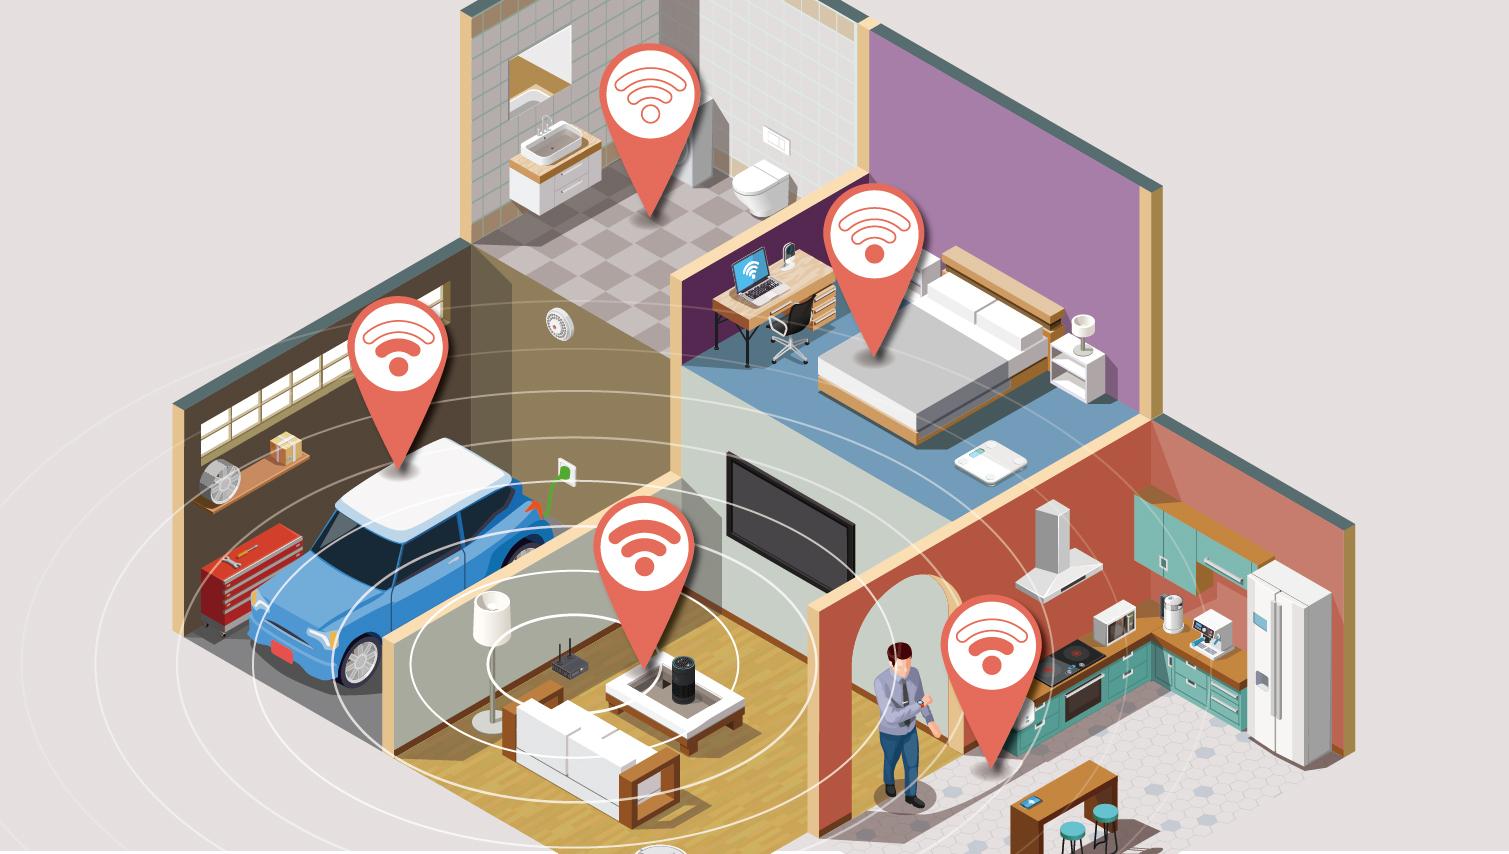 智能装置造成Wi-Fi产品激增!带你认识什么是Wi-Fi生态圈